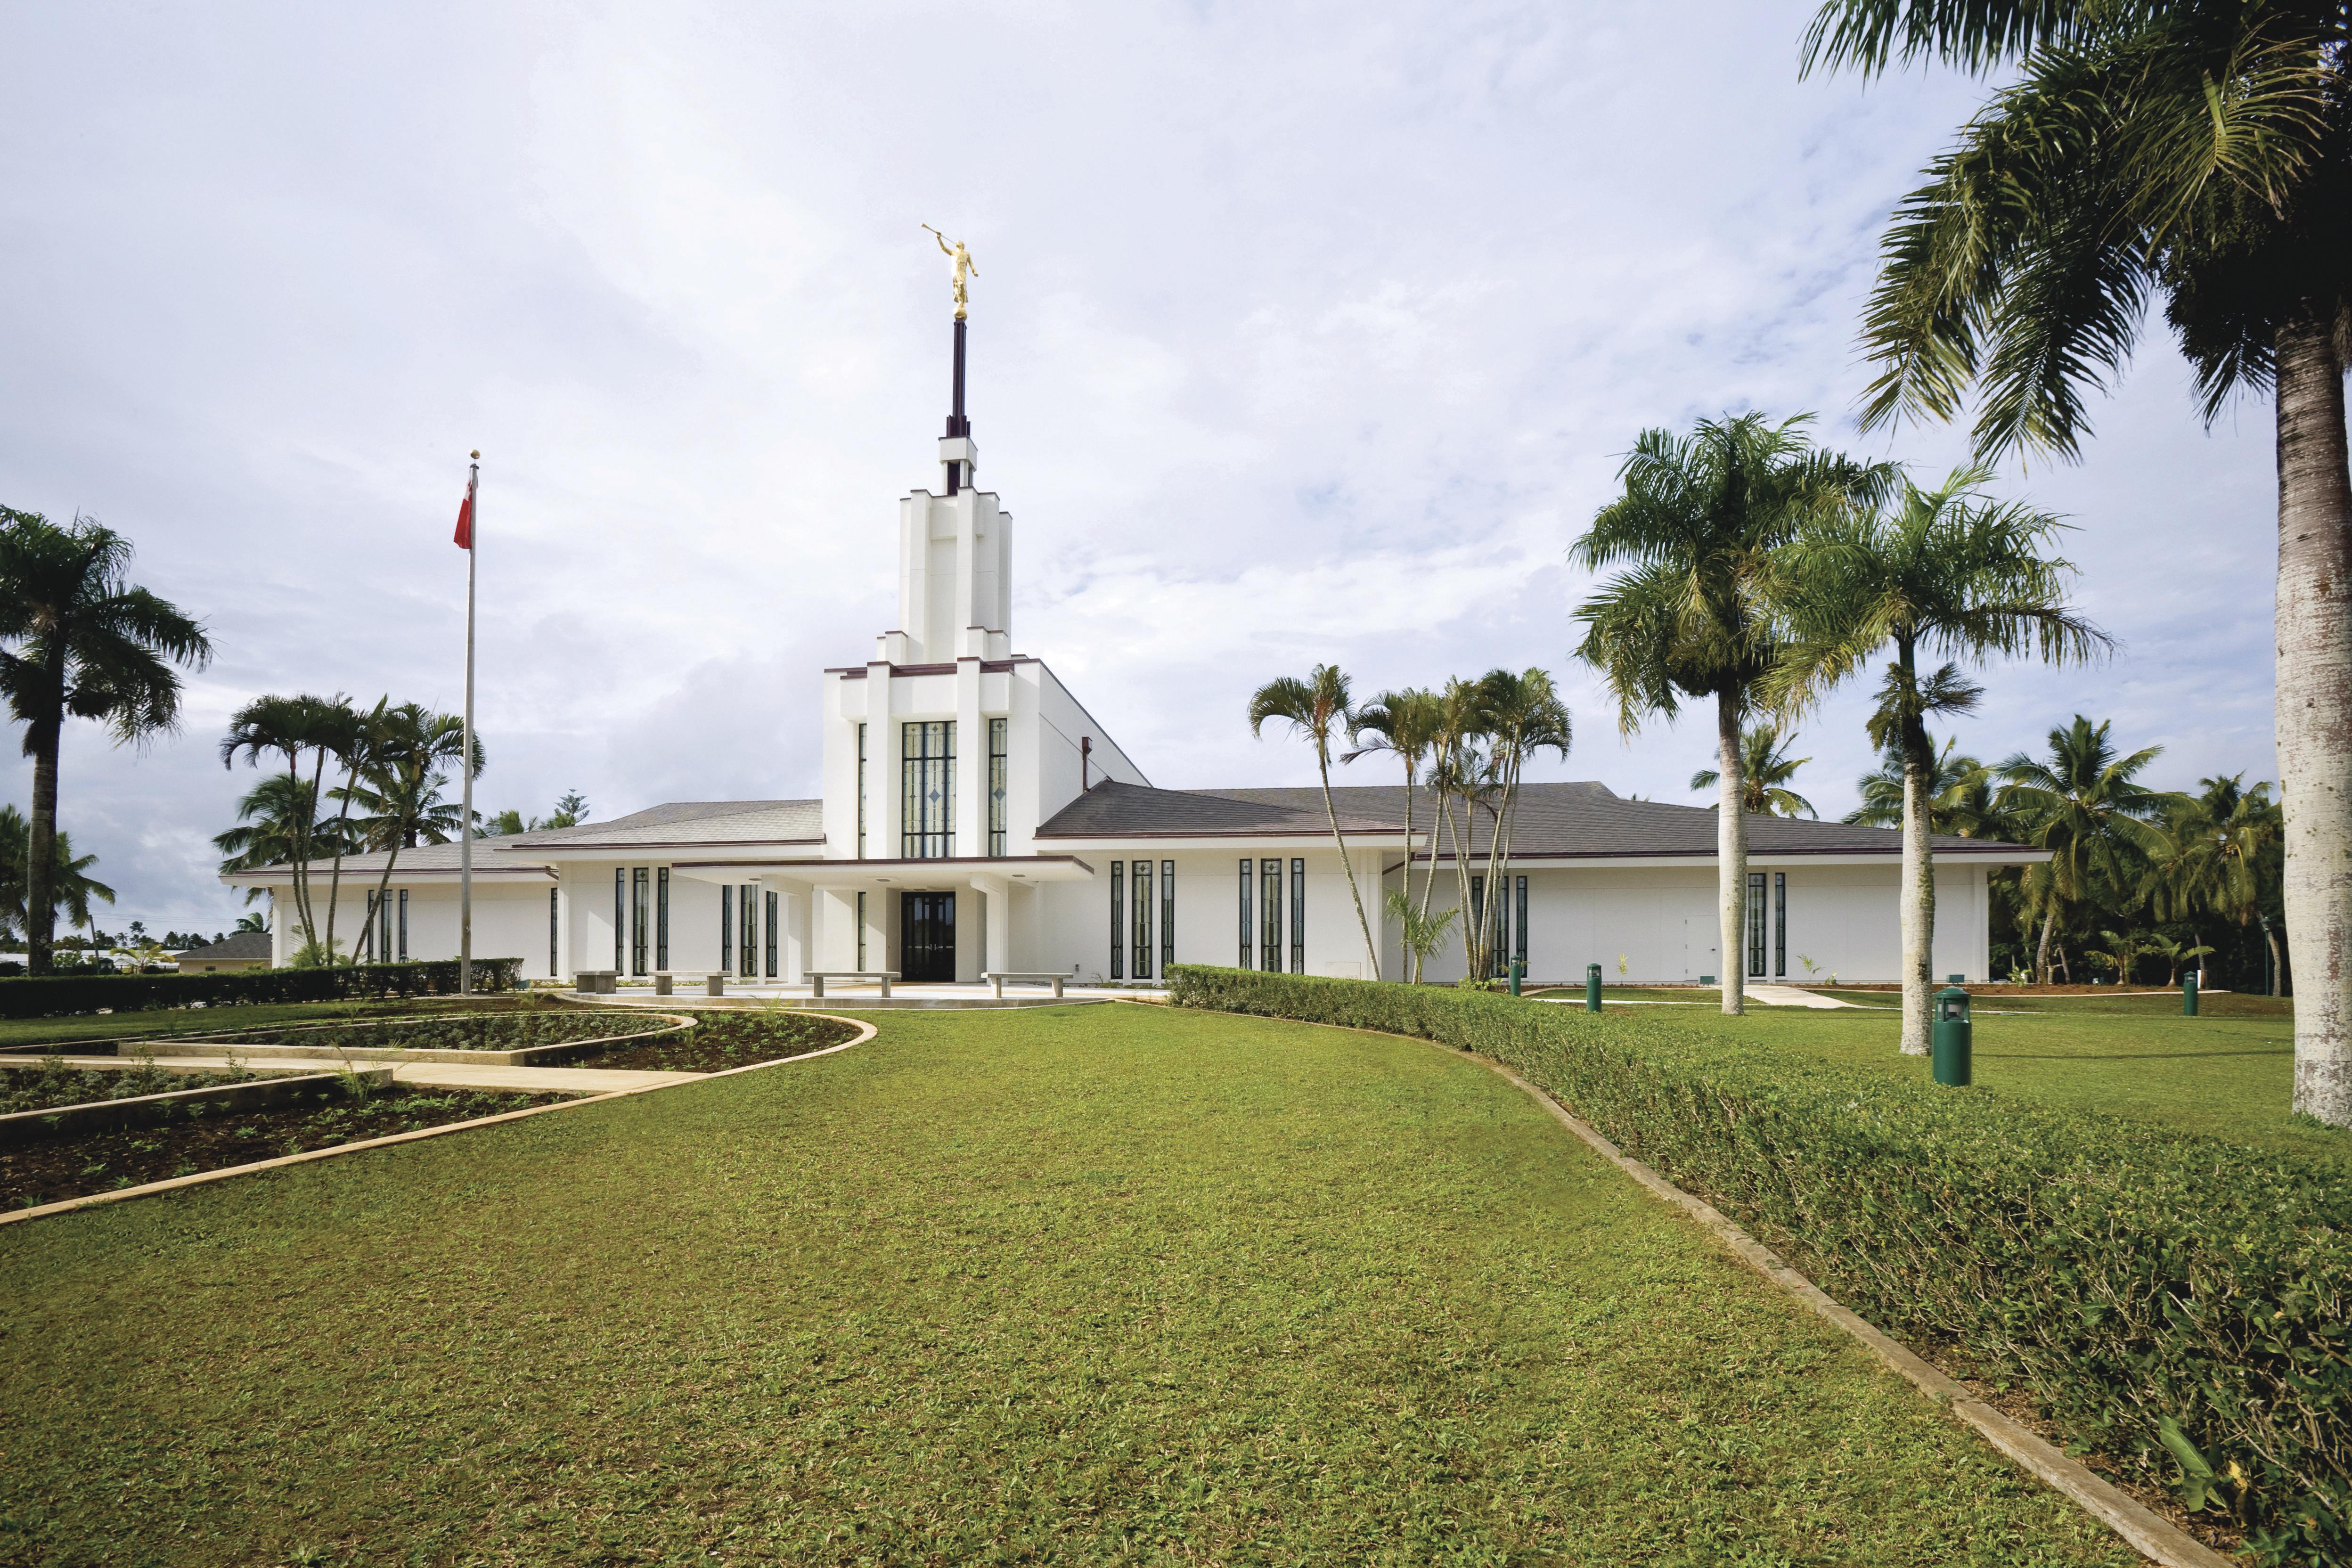 The Nuku'alofa Tonga Temple, including the entrance and scenery.